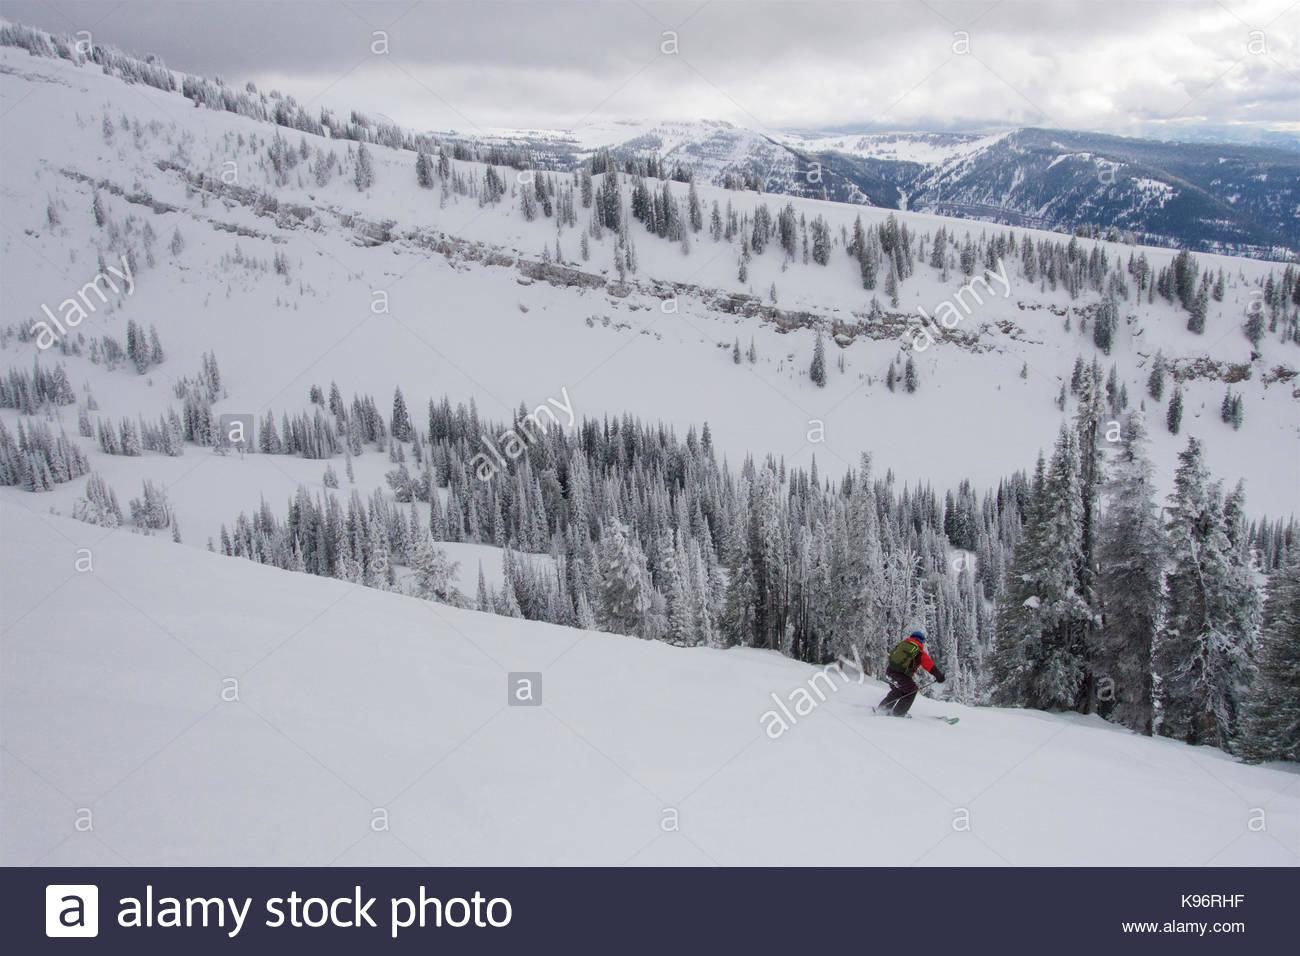 Un jovencito esquí cerca de escarcha cubiertas de árboles en las montañas en un día nublado. Imagen De Stock